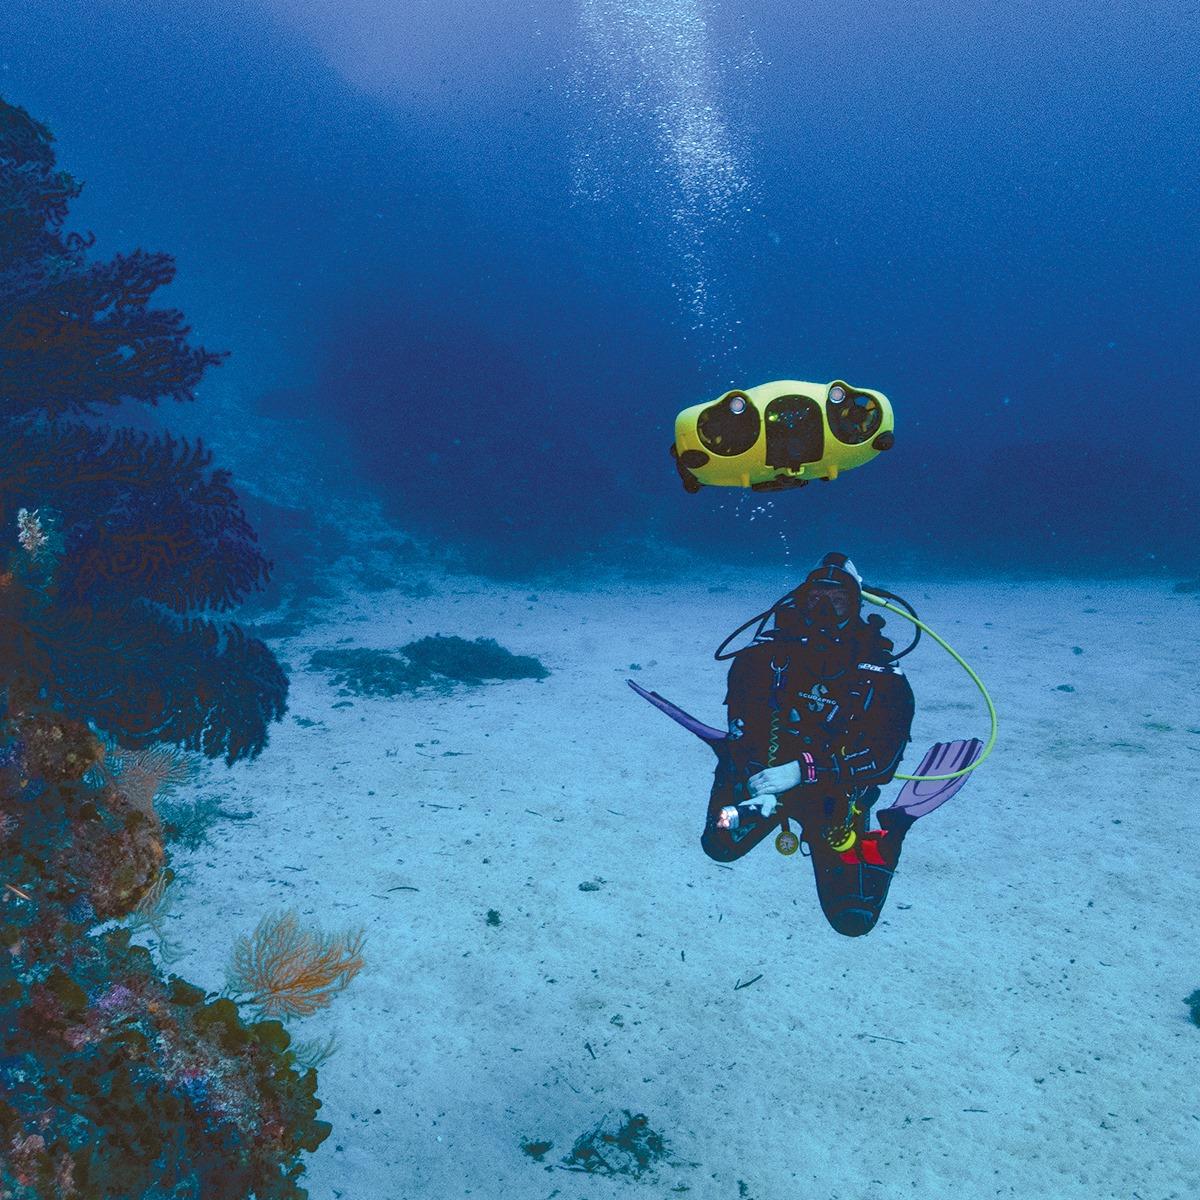 iBubble camera drone sous-marin autonome - Pour des vidéos souvenir de vos plongées à l'Ile Maurice